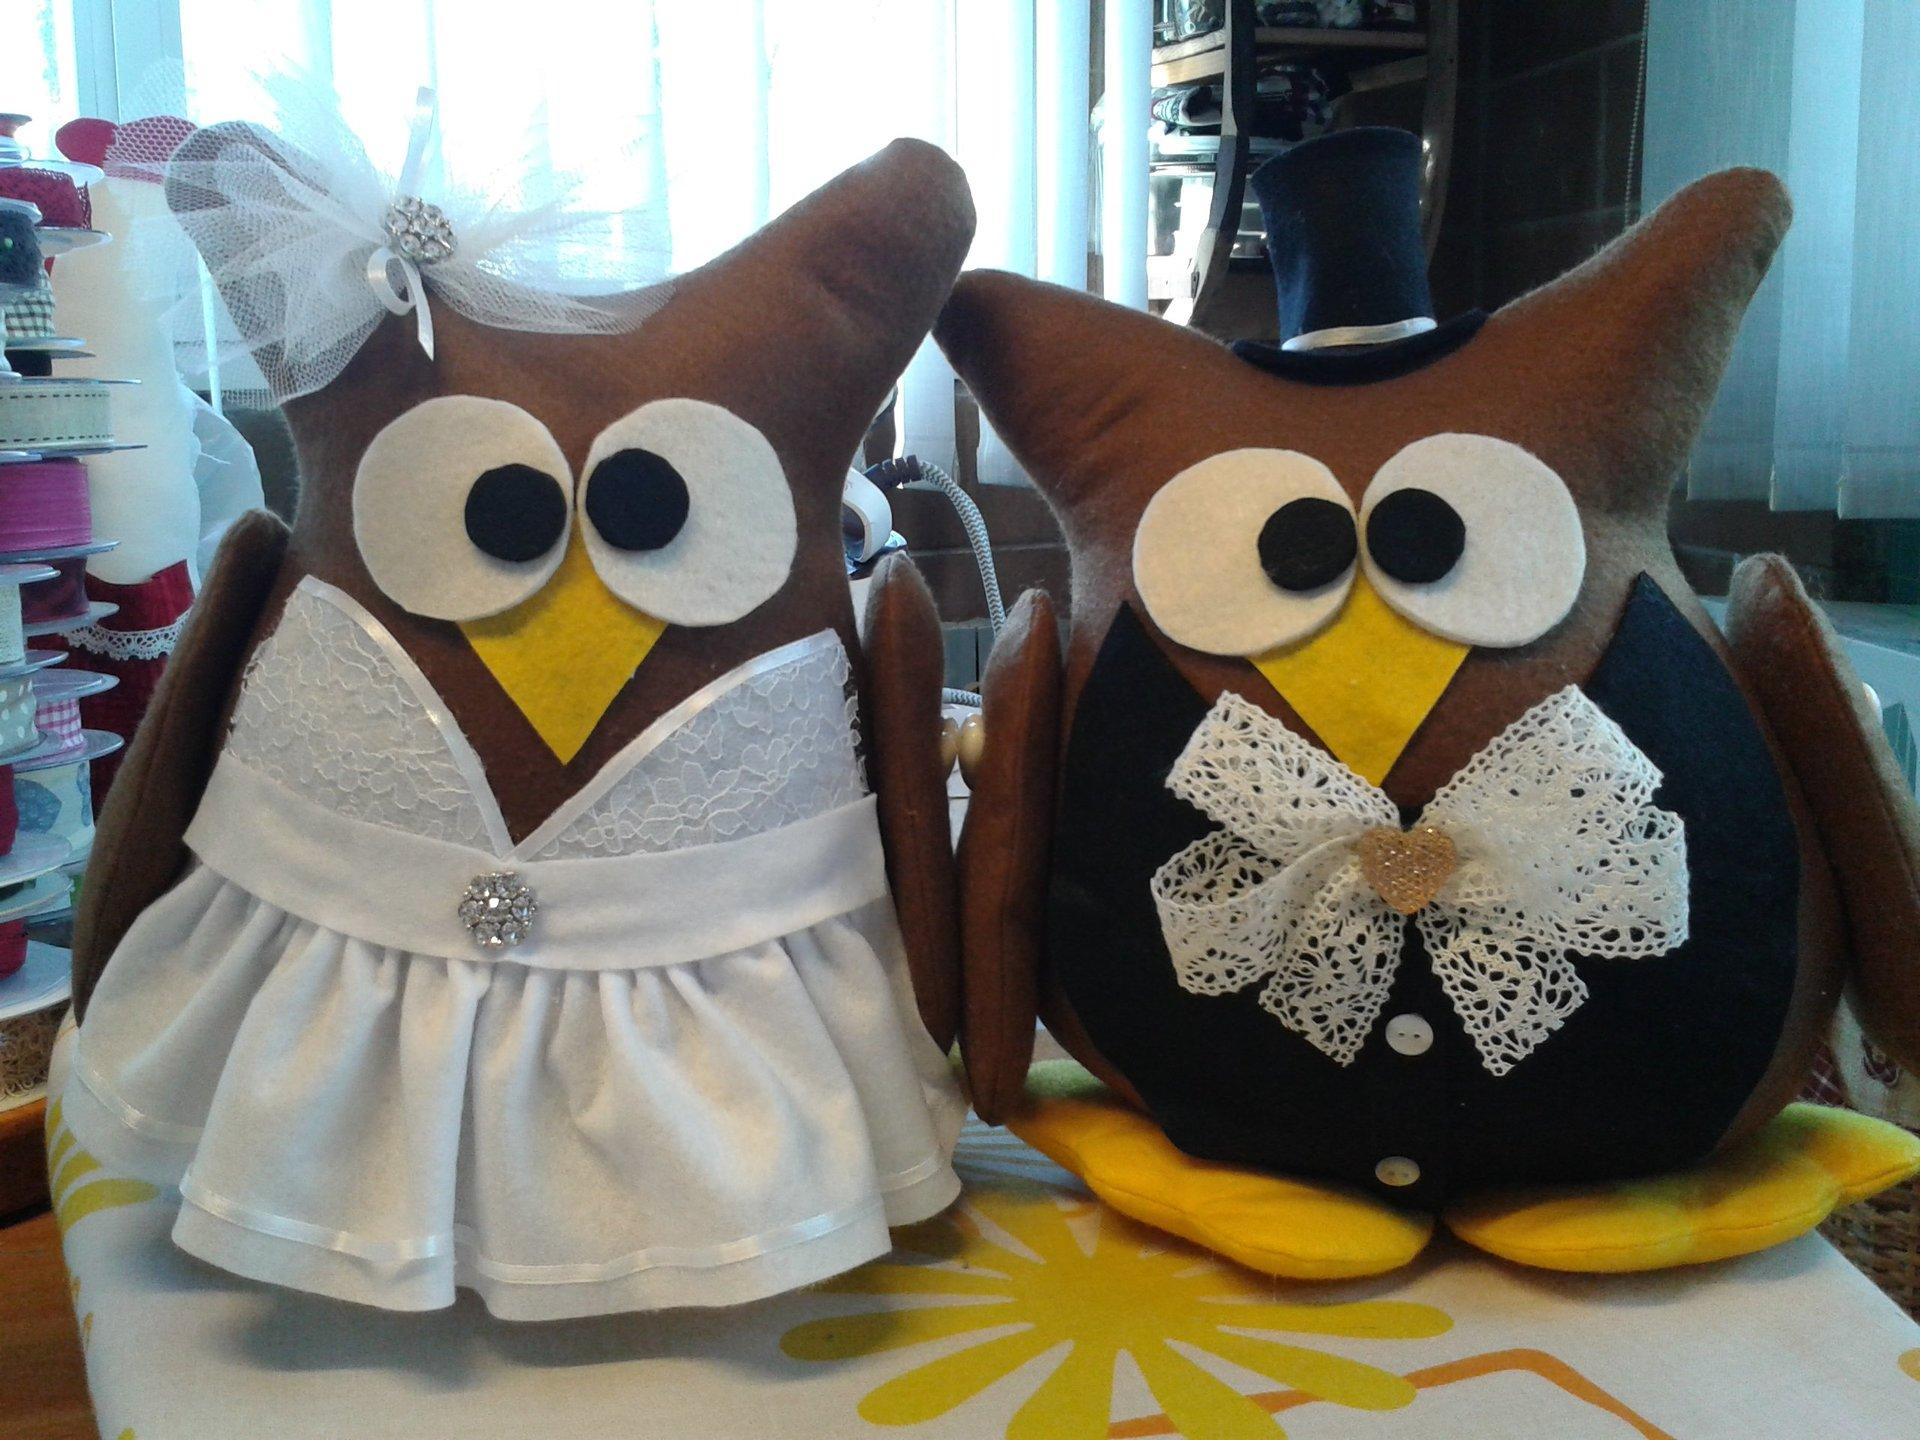 due gufi di stoffa vestiti da sposi